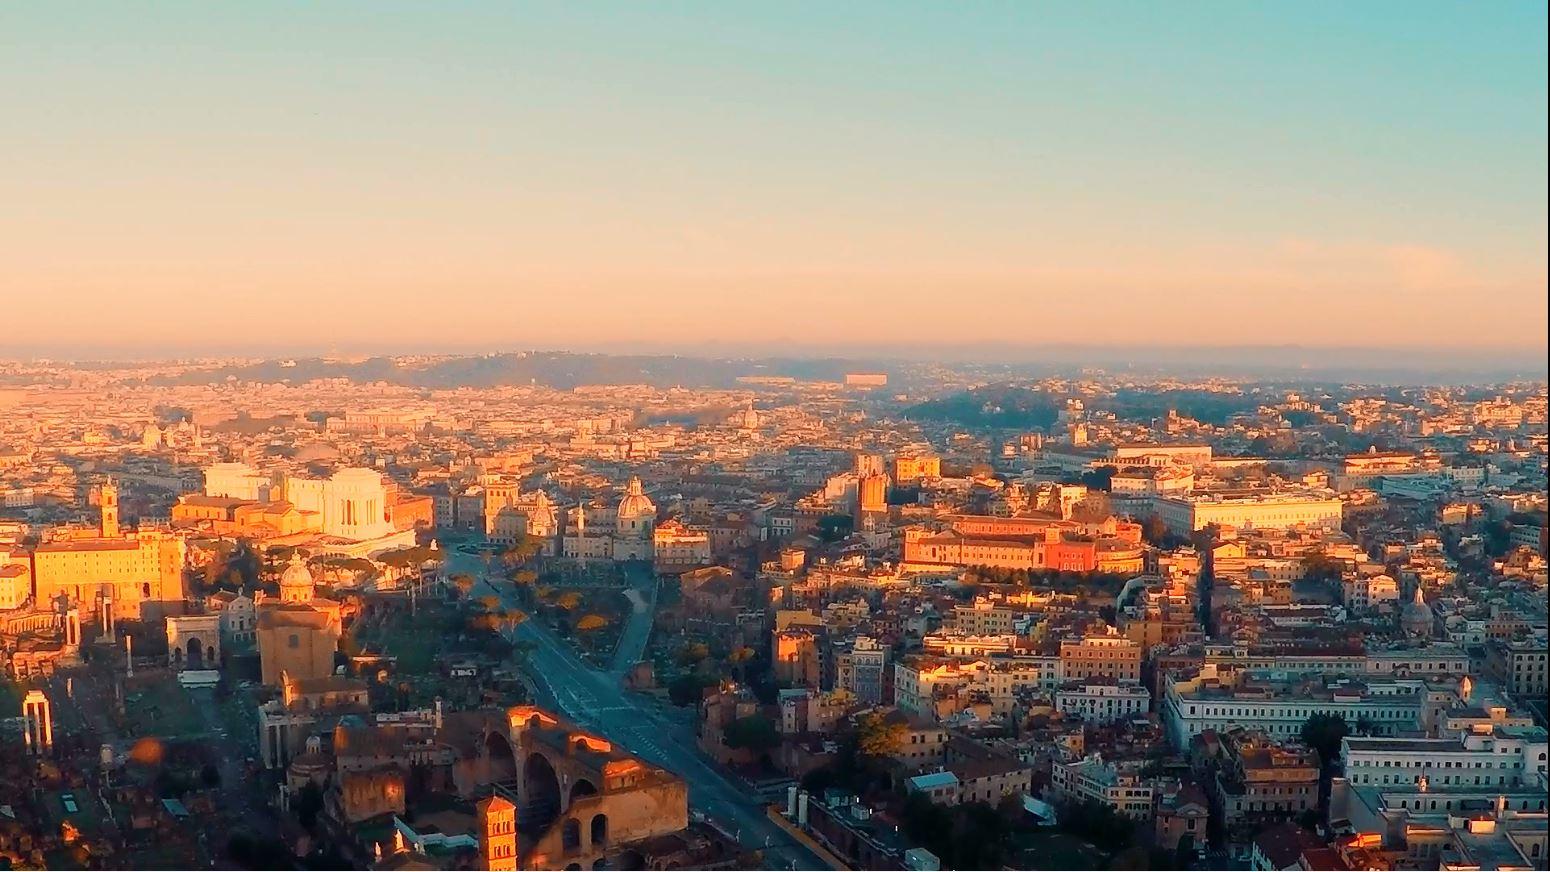 Un baile por Roma 3 - Be There Before